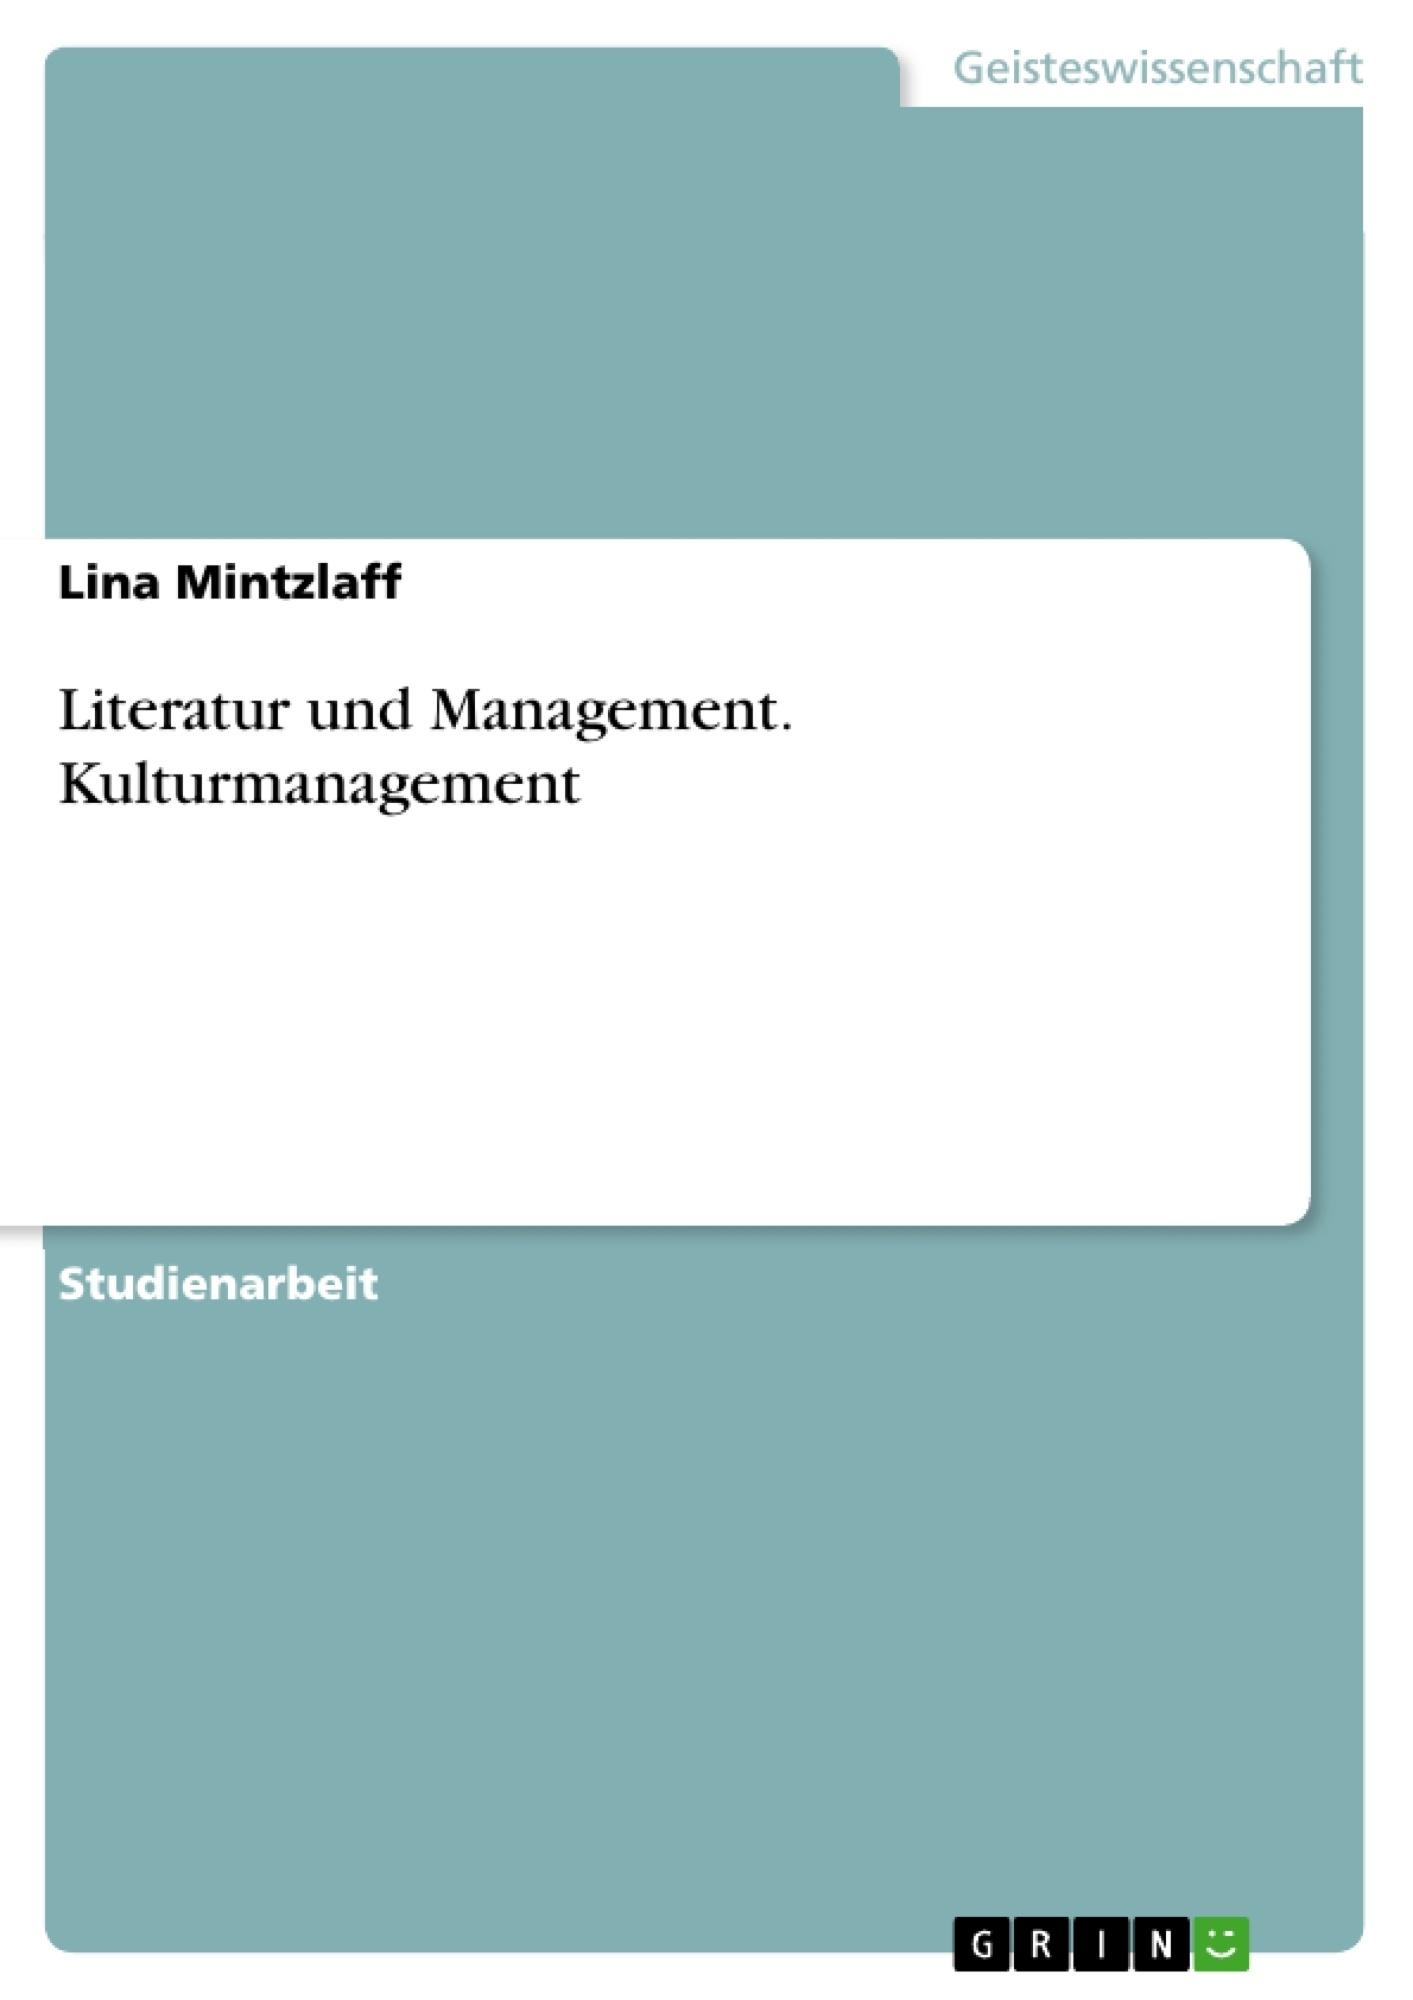 Titel: Literatur und Management. Kulturmanagement